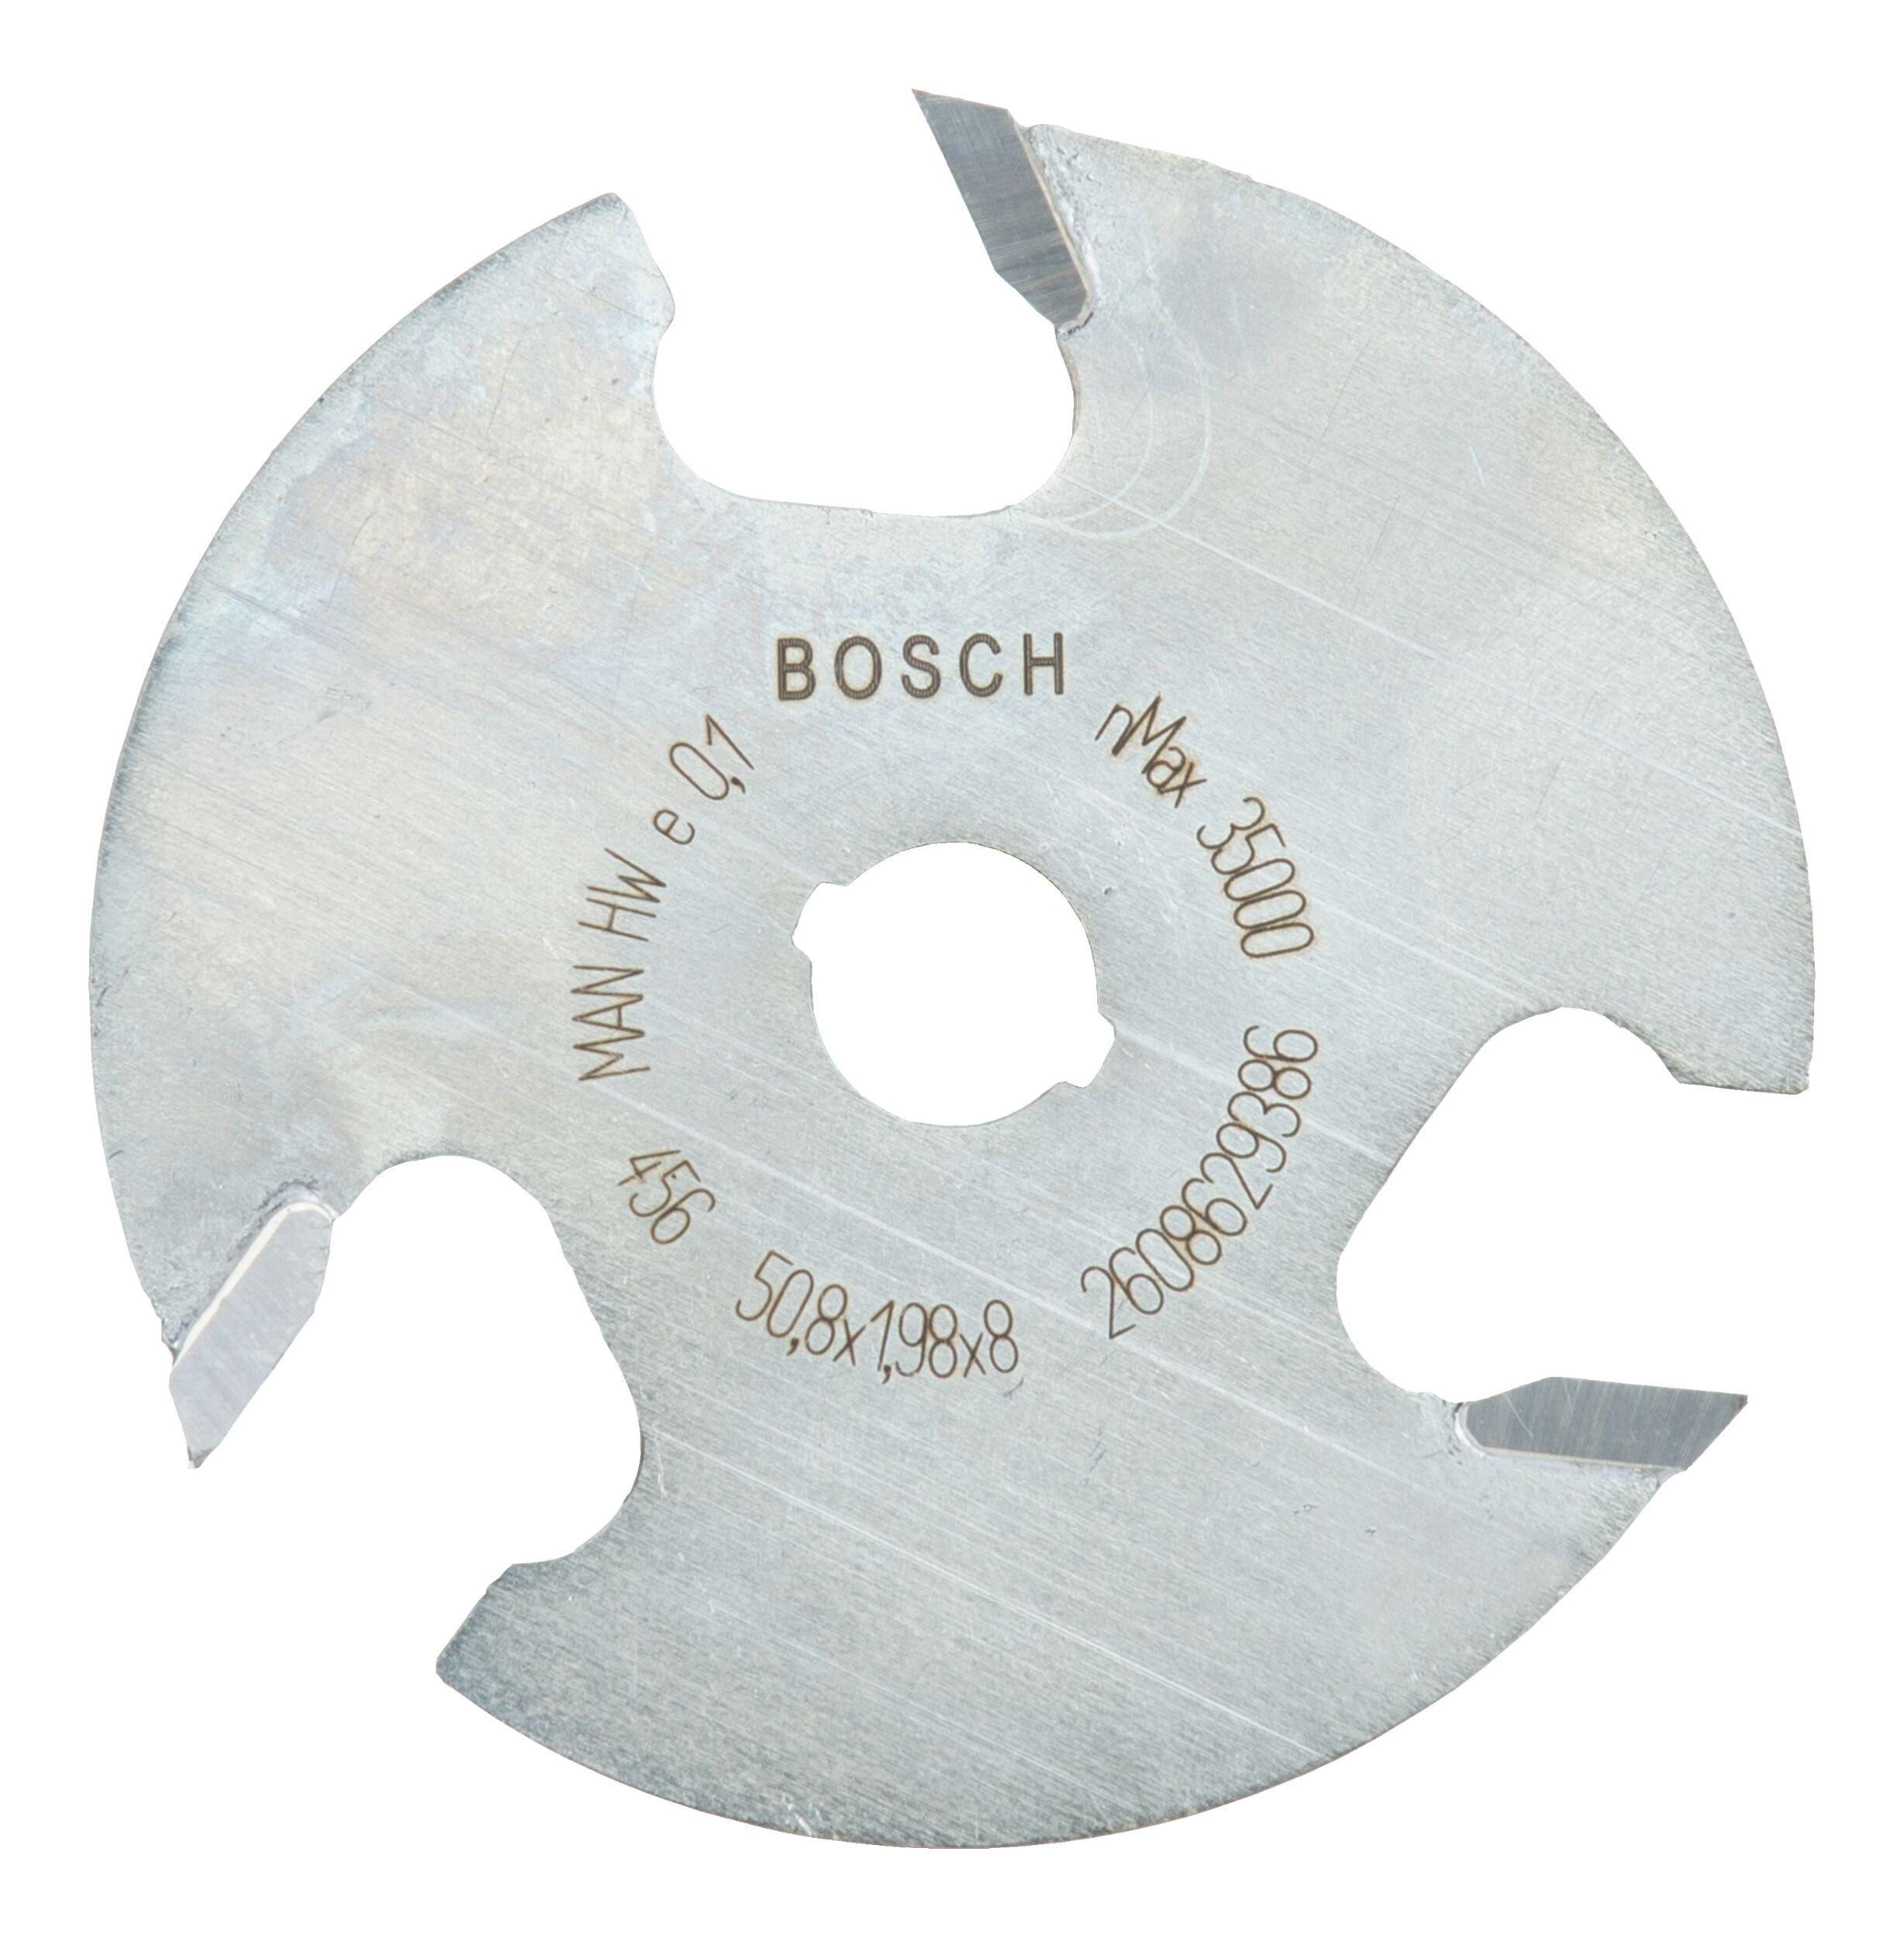 Bosch Zubehör Scheibennutfräser dreischneidig - 50,8 x 2 x 8 x 8 mm - 2608629386